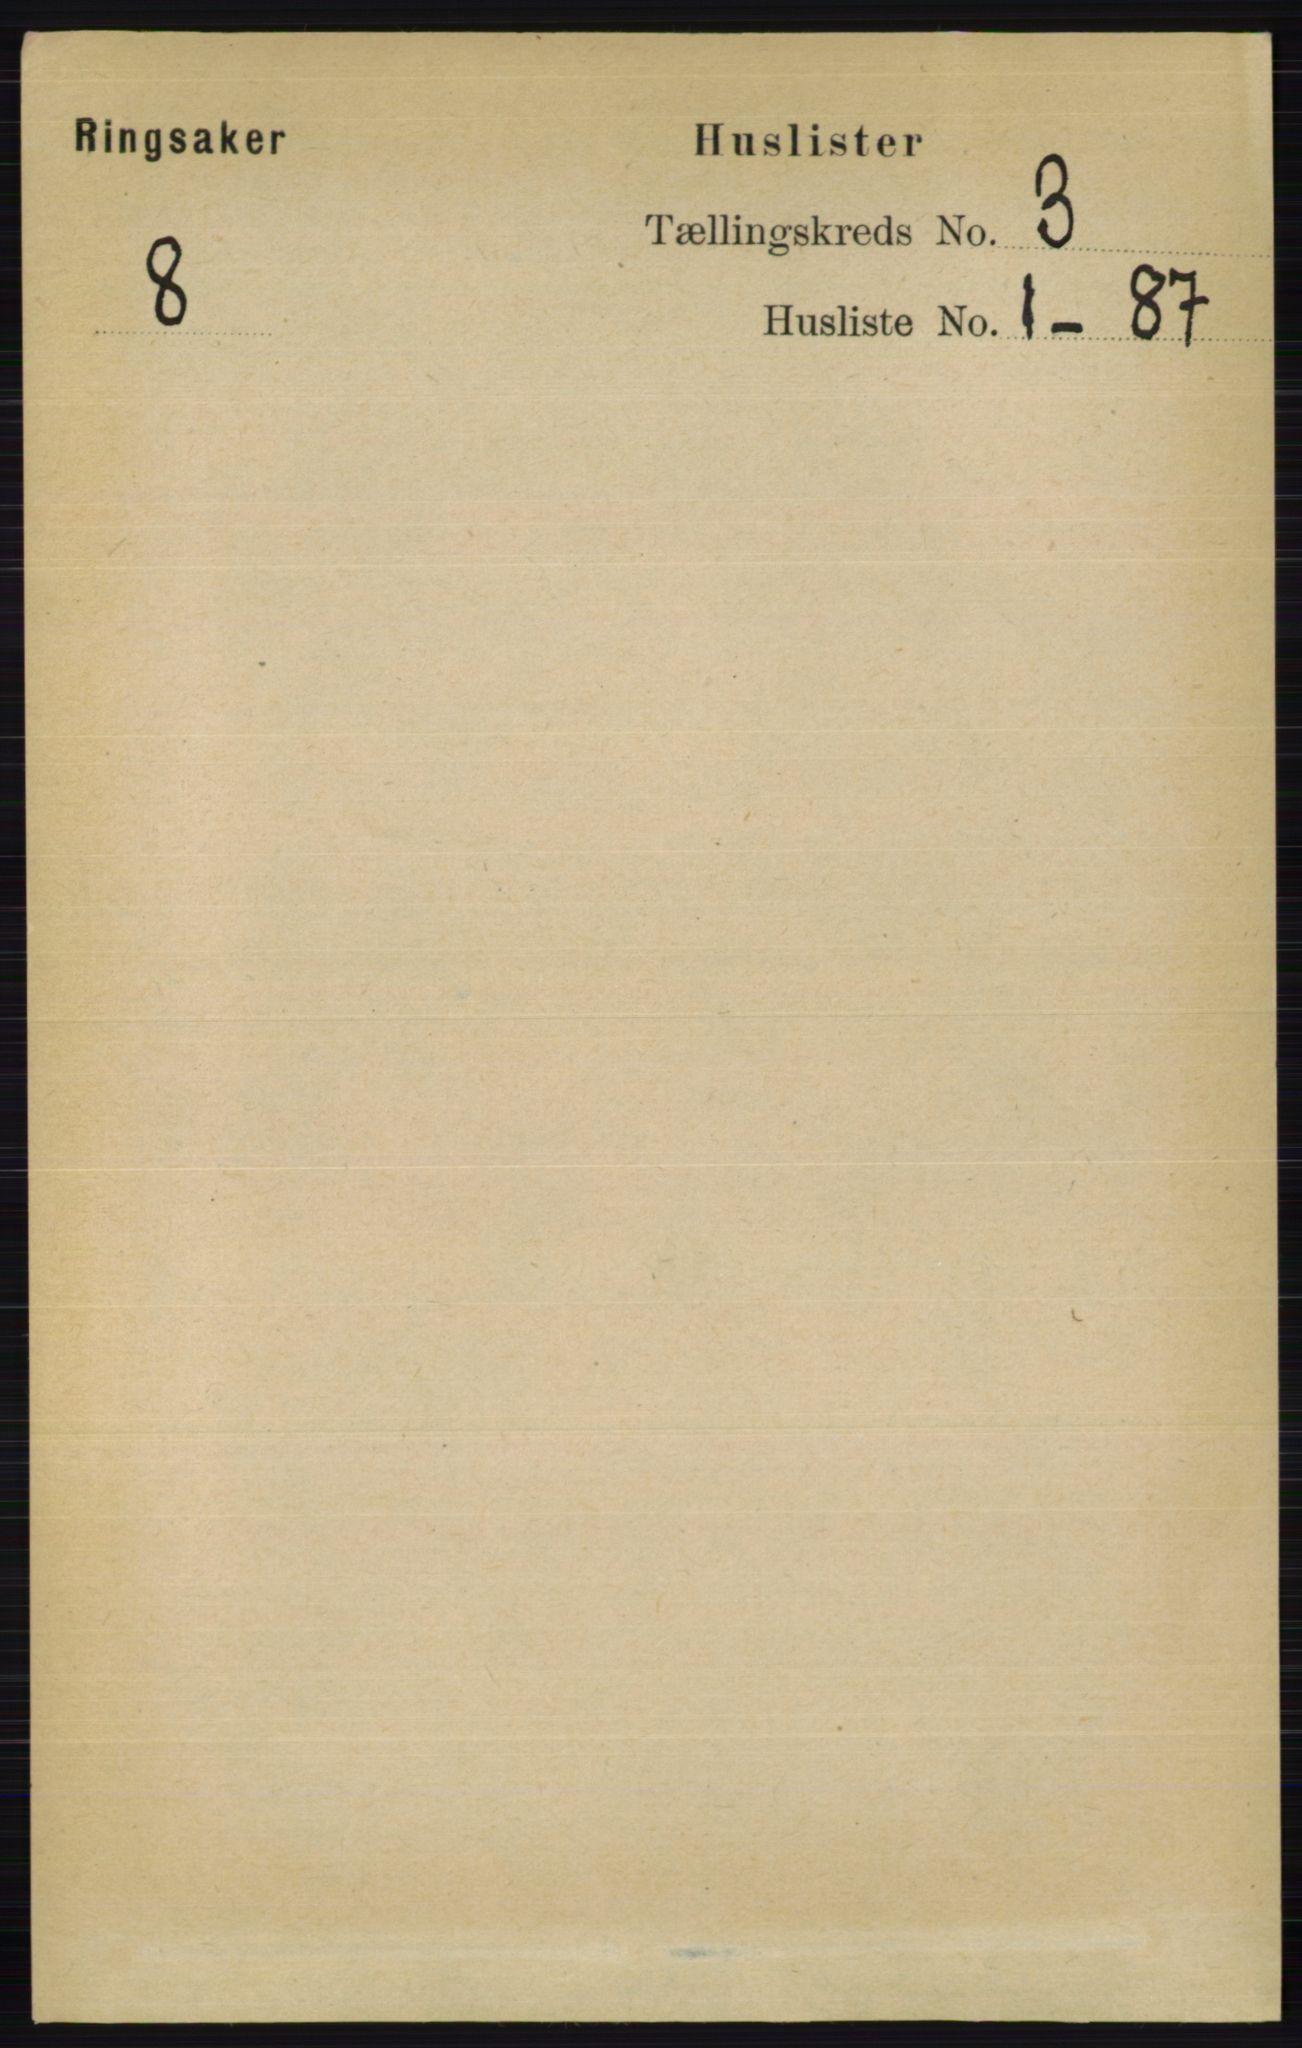 RA, Folketelling 1891 for 0412 Ringsaker herred, 1891, s. 1161